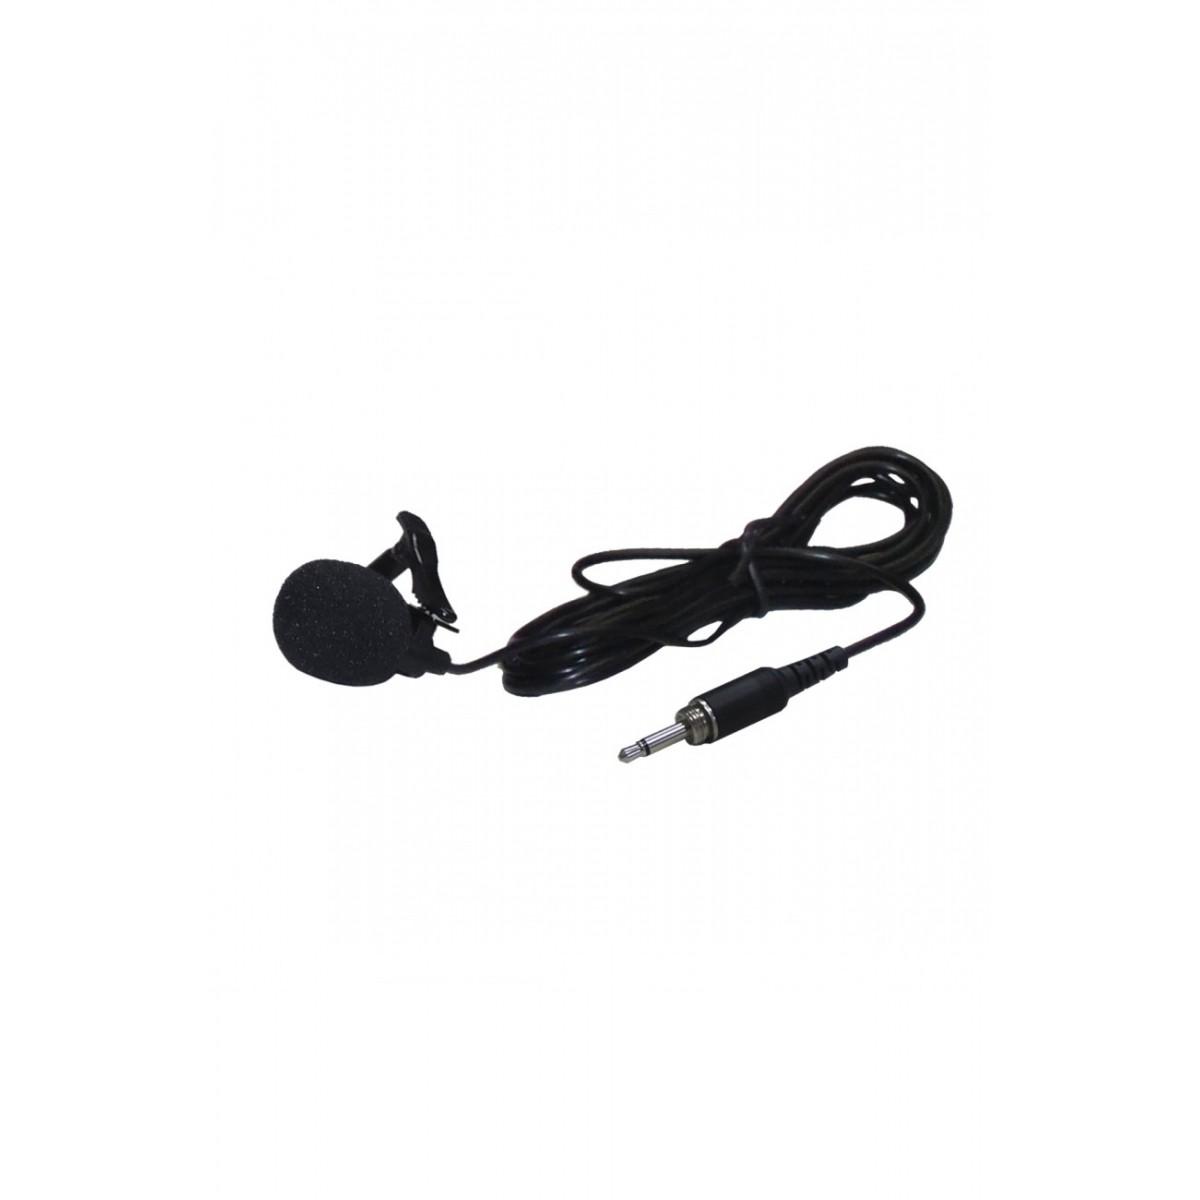 Microfone Sem Fio Uhf Lyco UHXPRO-01HLI